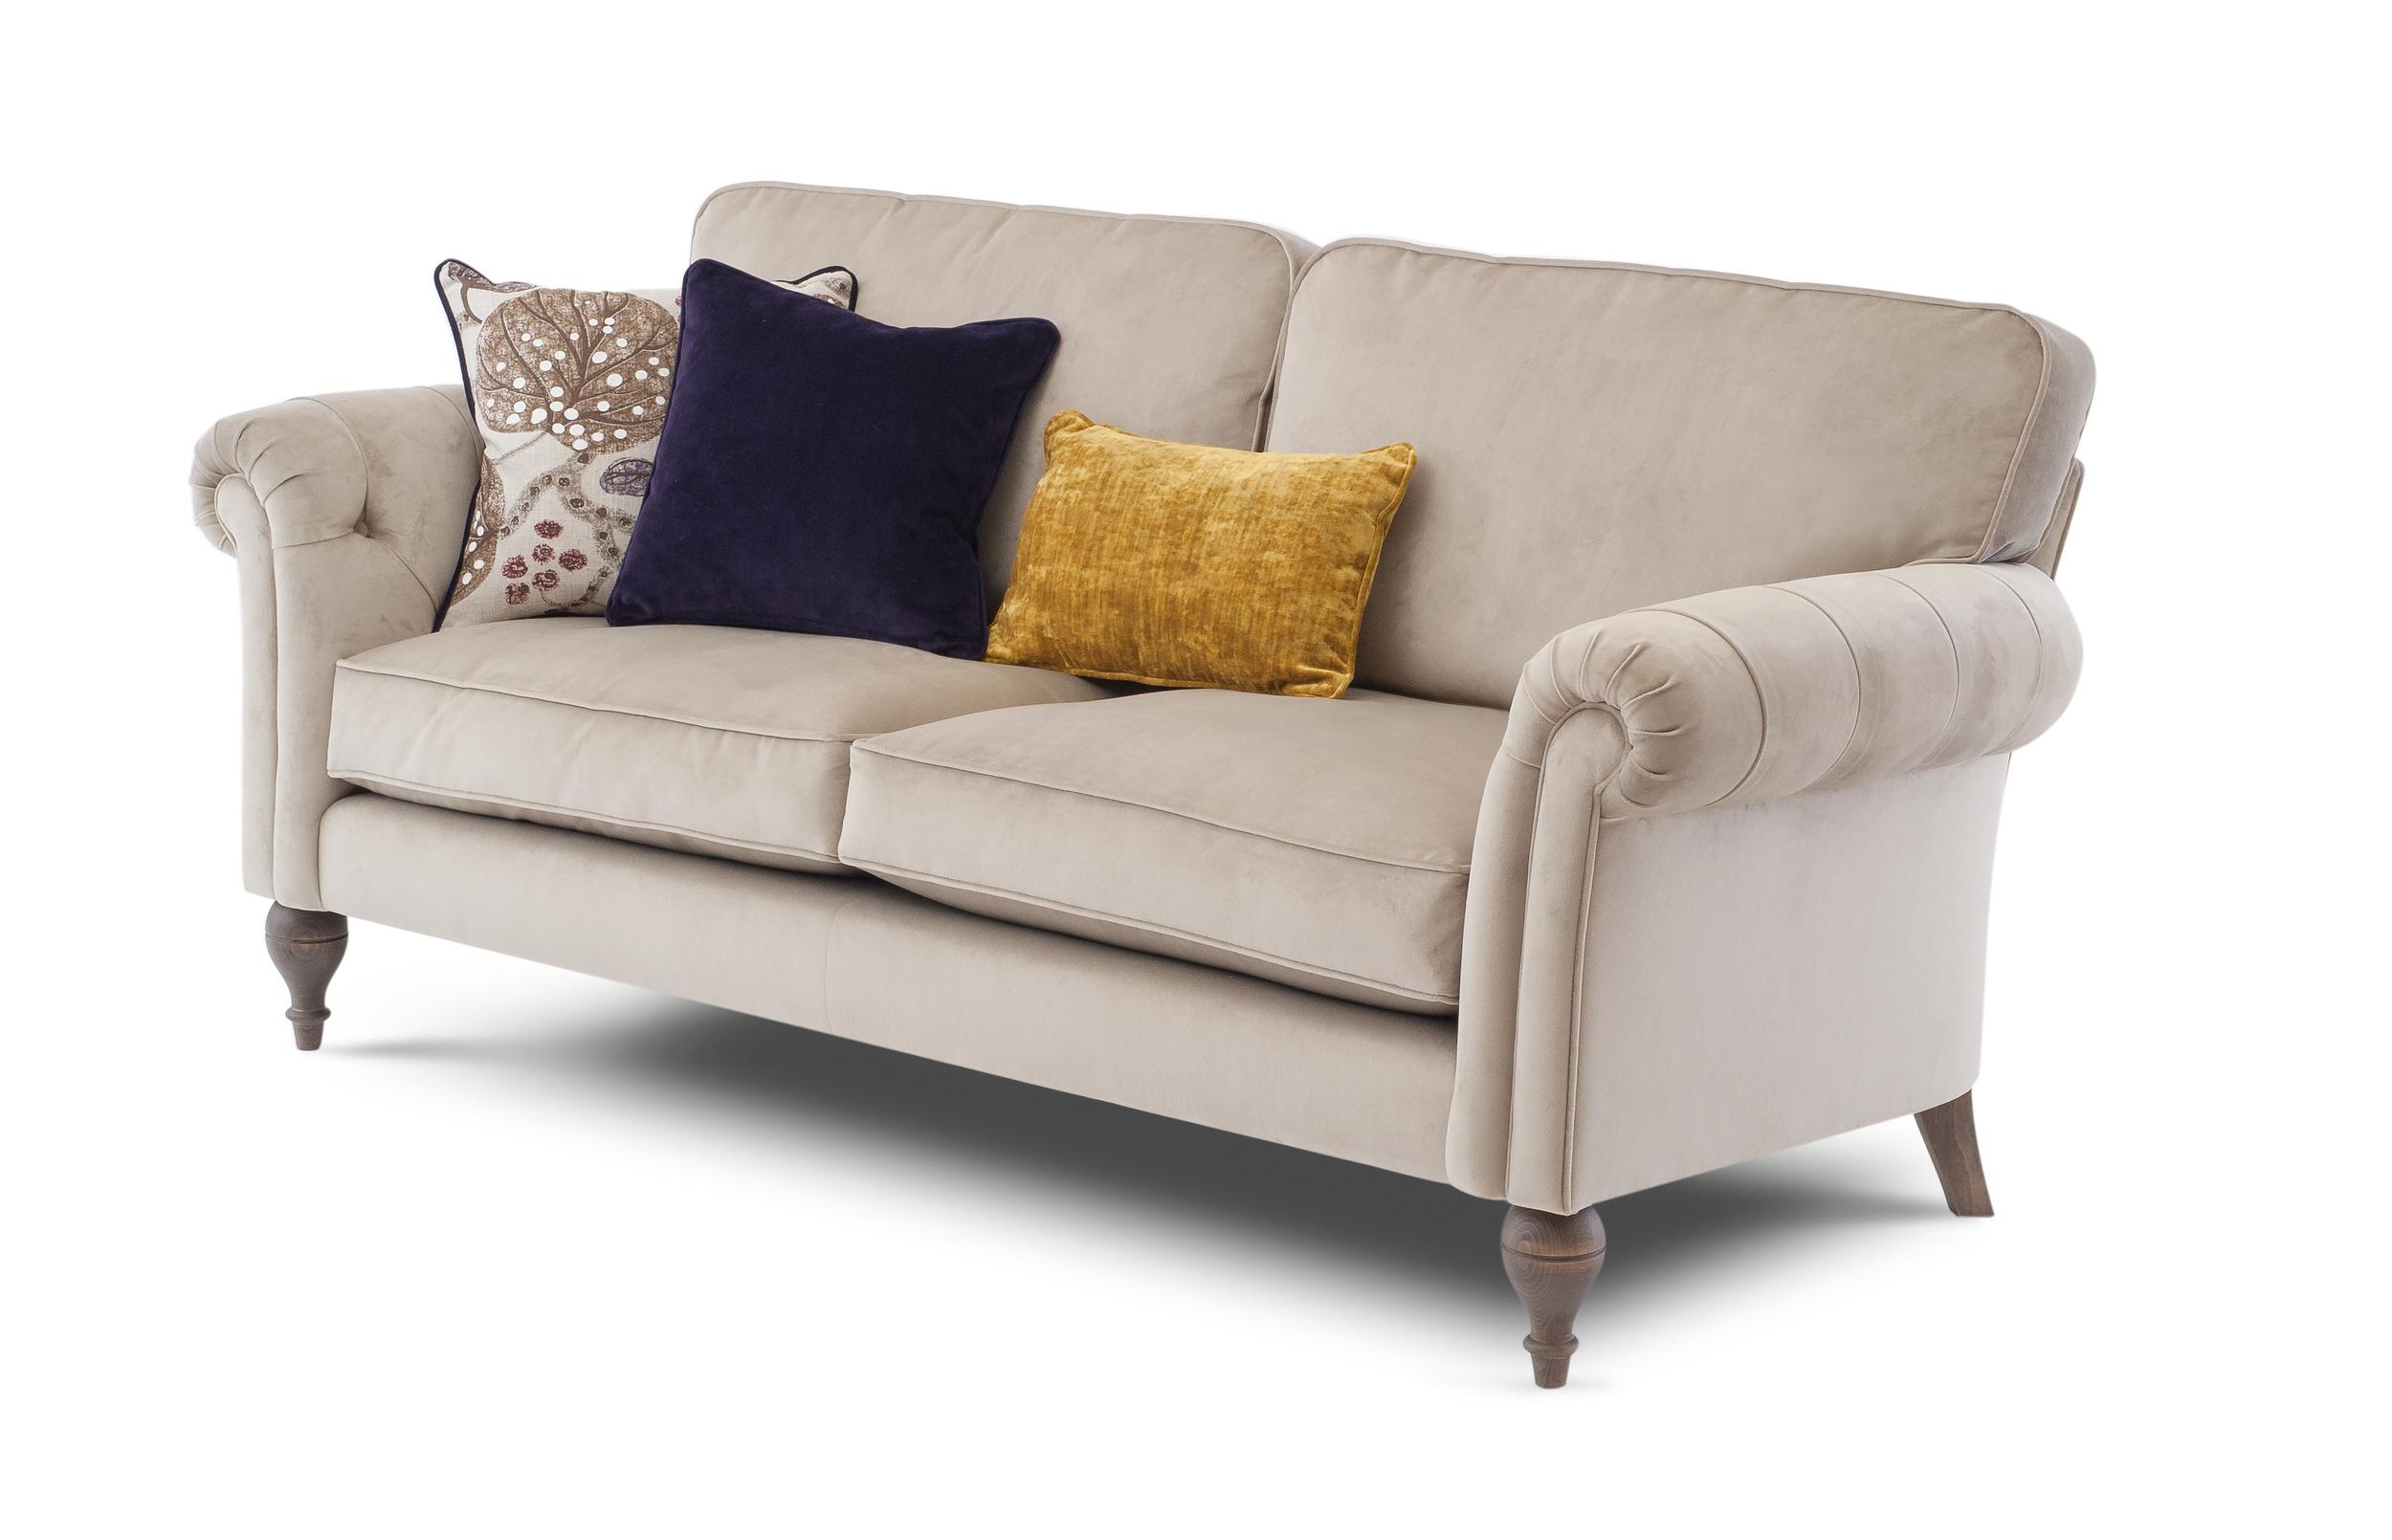 Delamere 3st Sofa-8.jpg